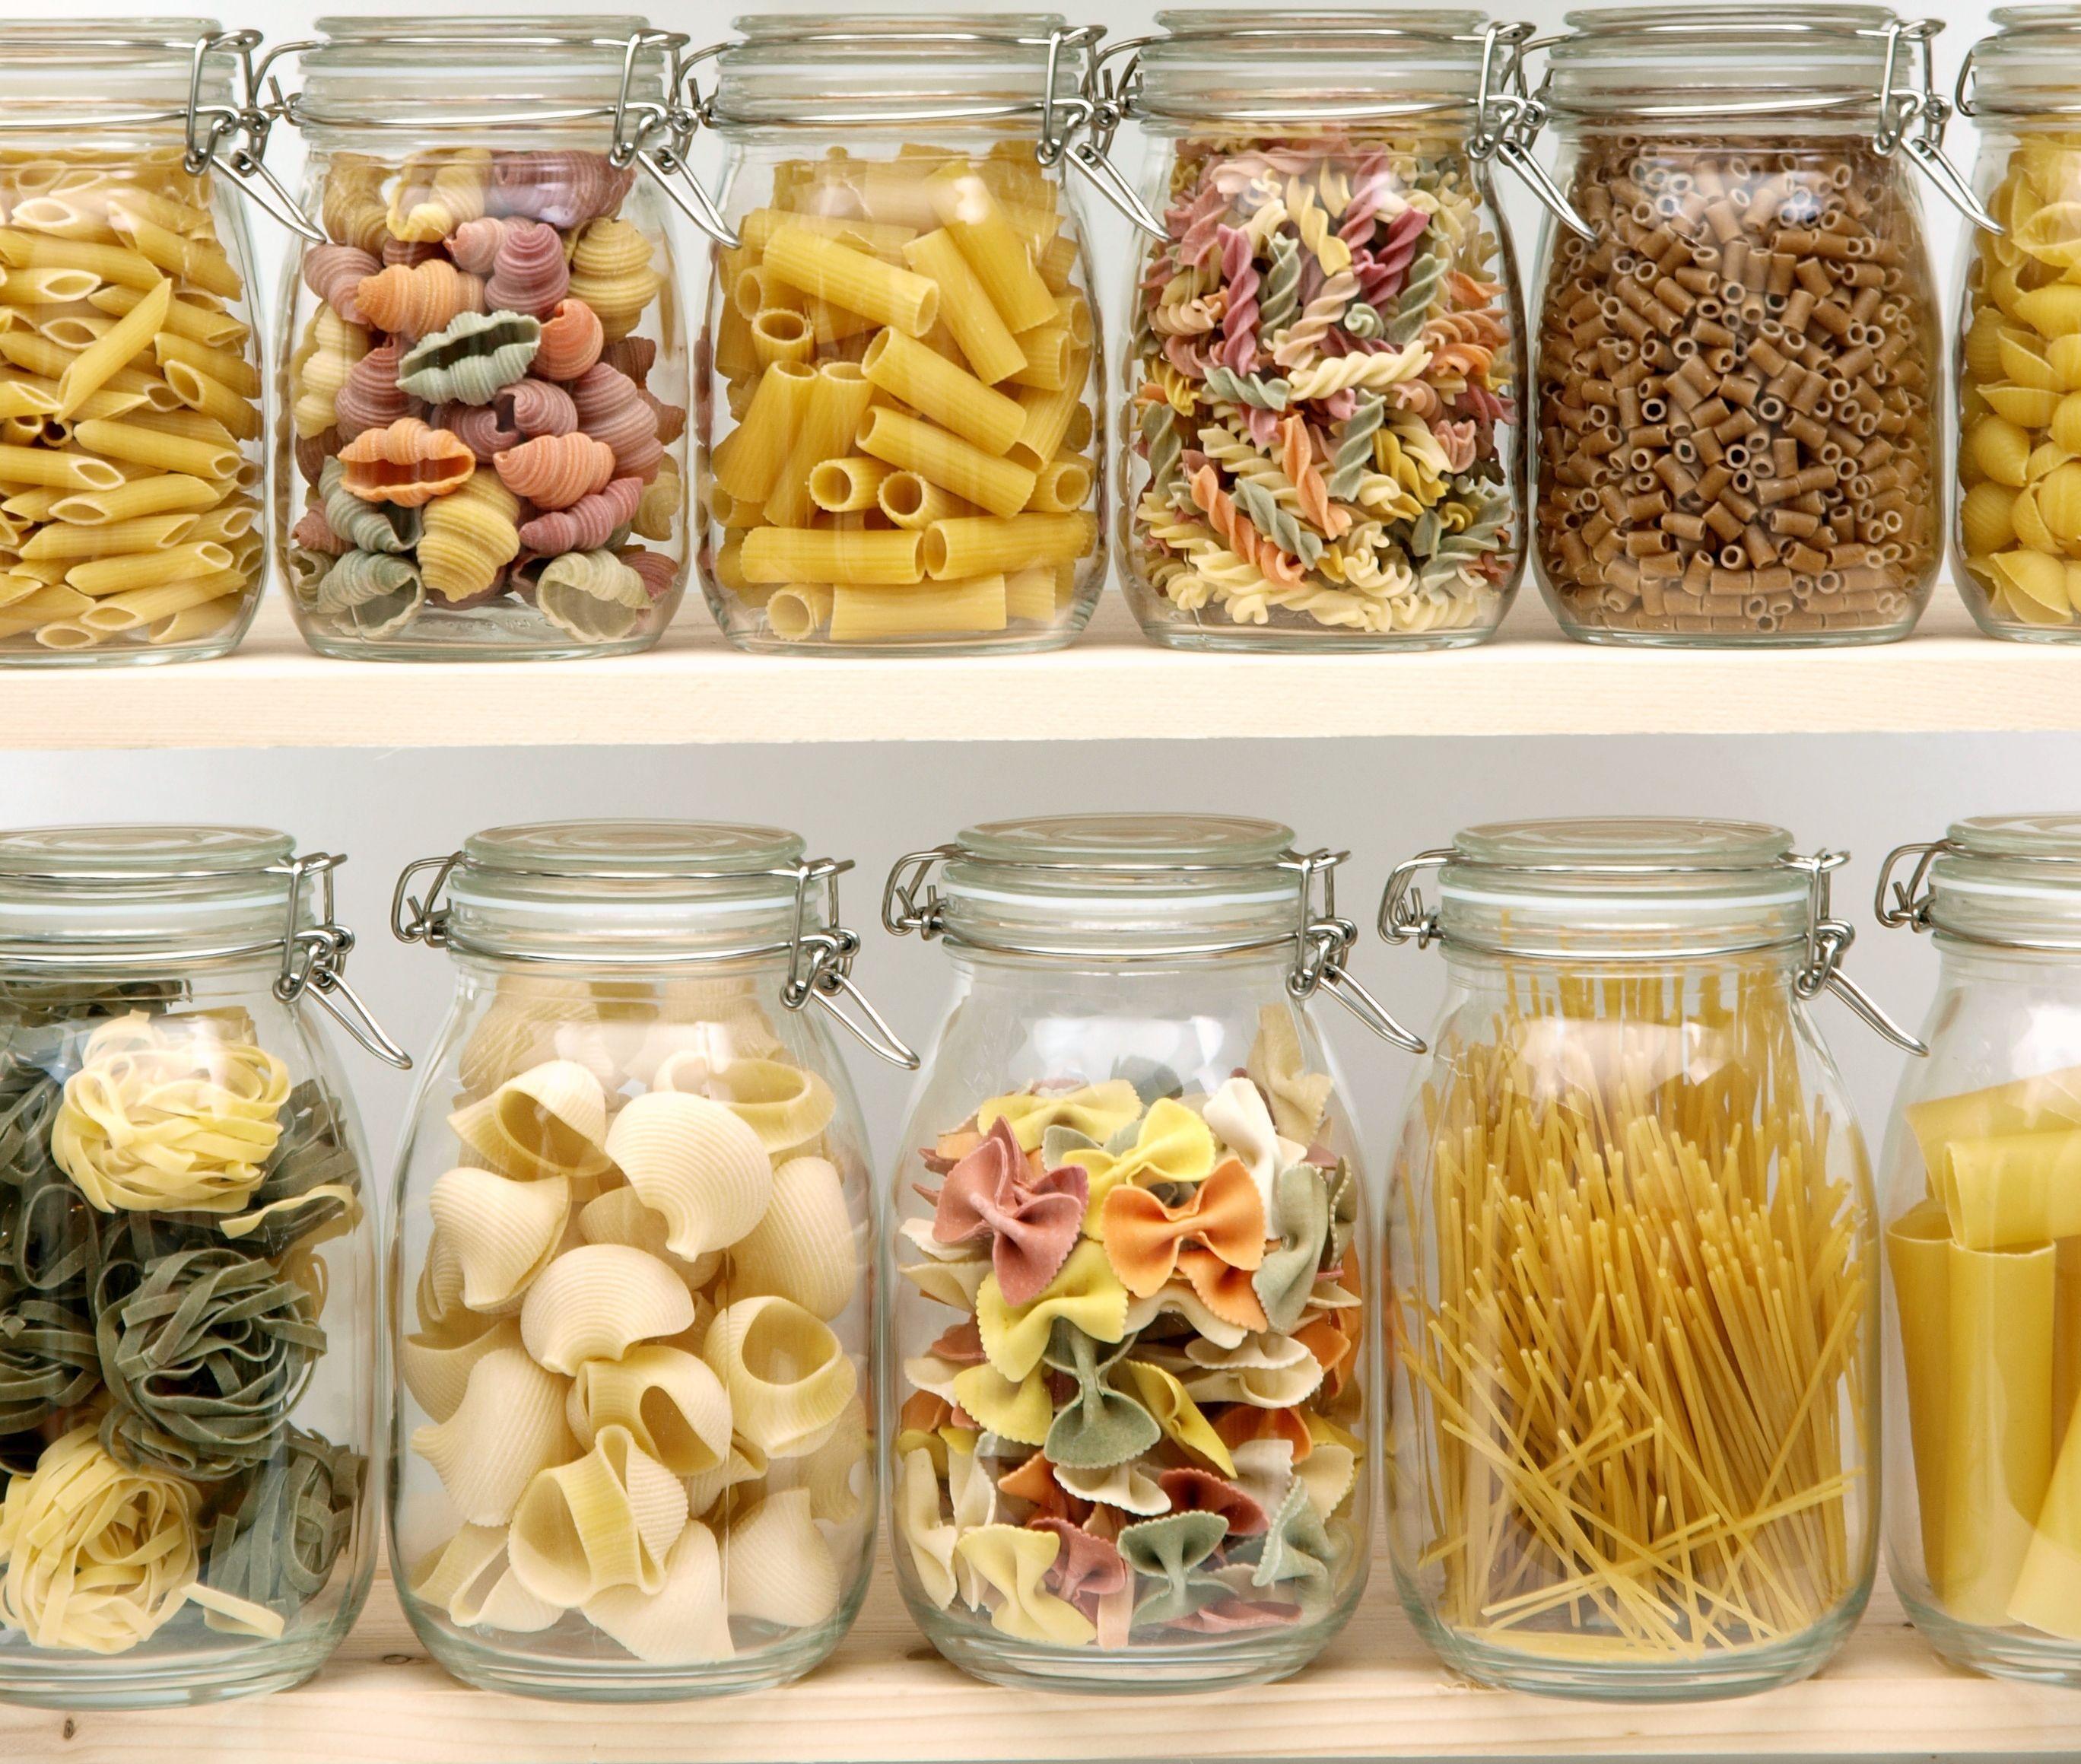 Repellente Naturale Per Vespe rimedi naturali contro le farfalline del cibo   rimedi